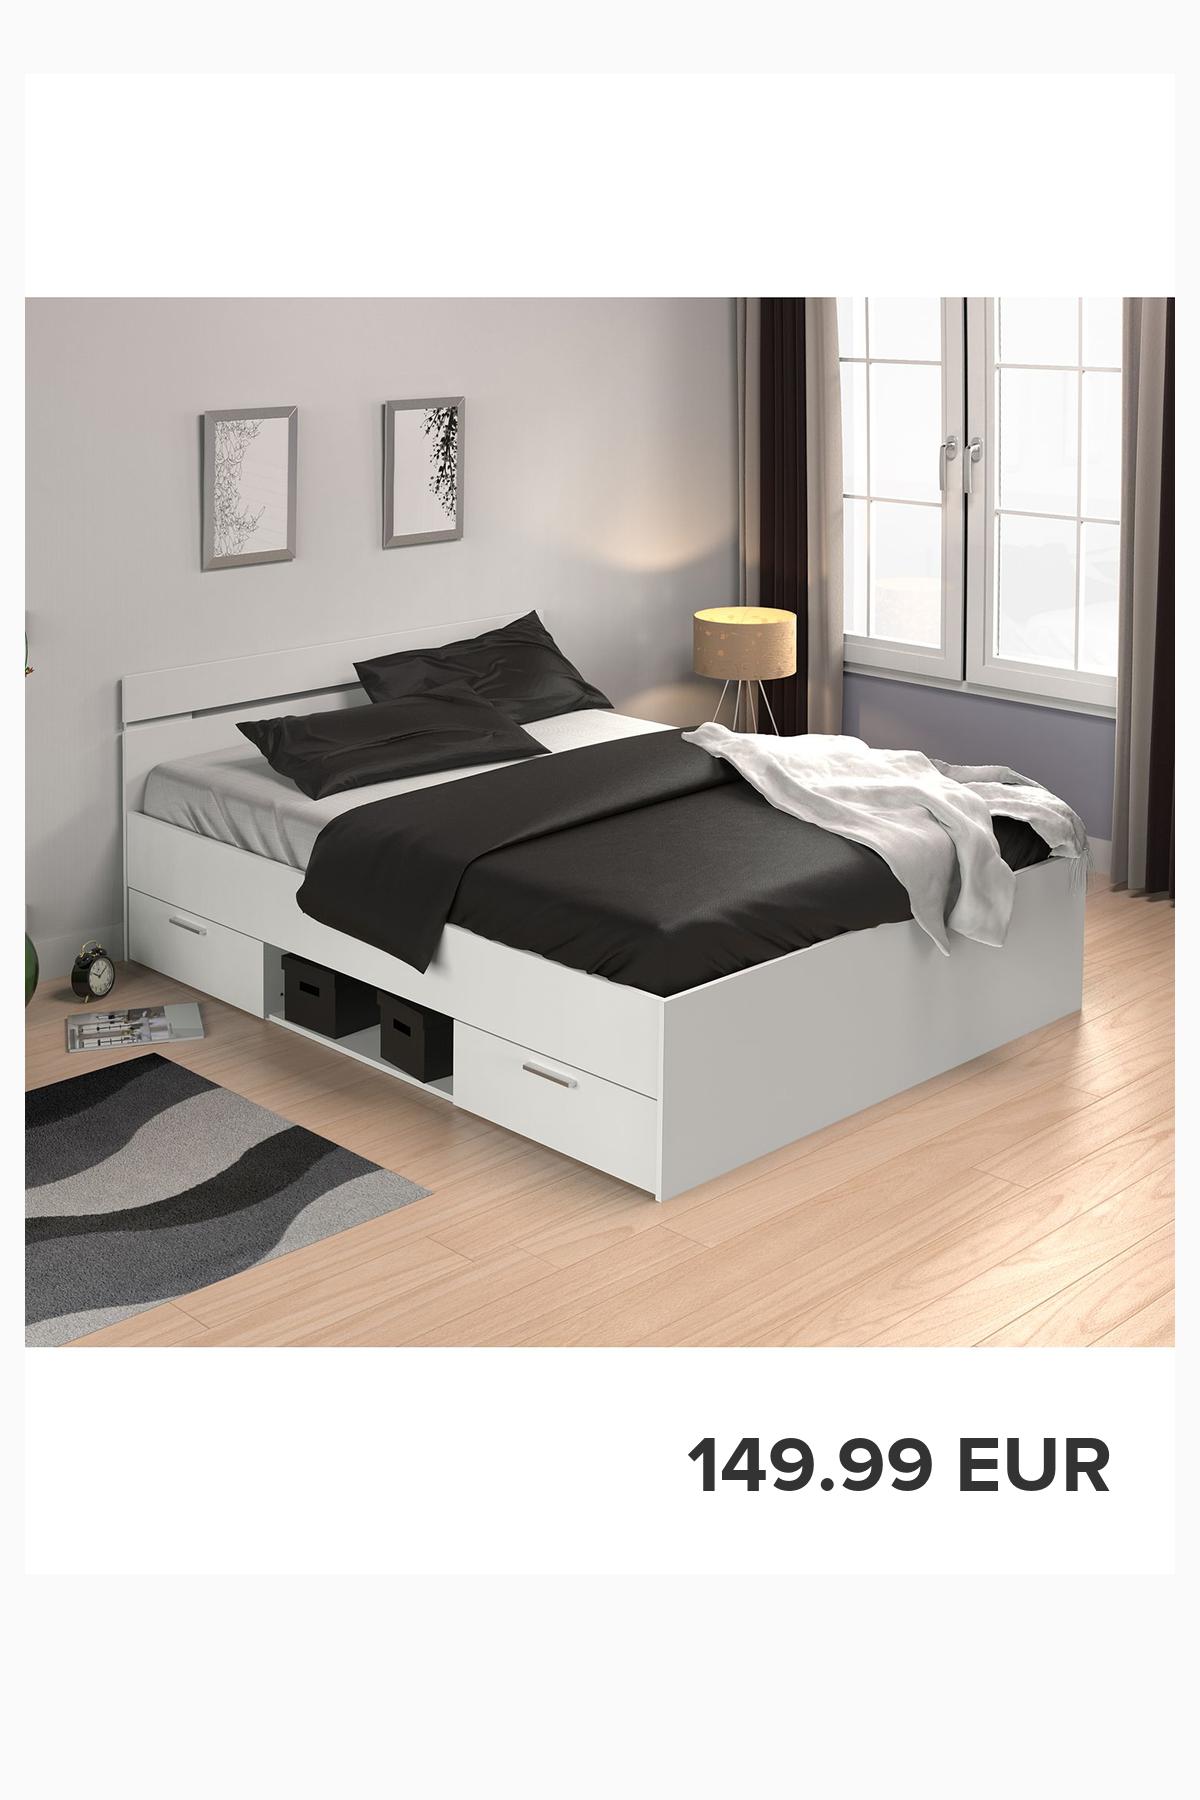 Doppelbett Michigan In 2020 Bett Ideen Stauraumbett Bett 140x200 Weiss